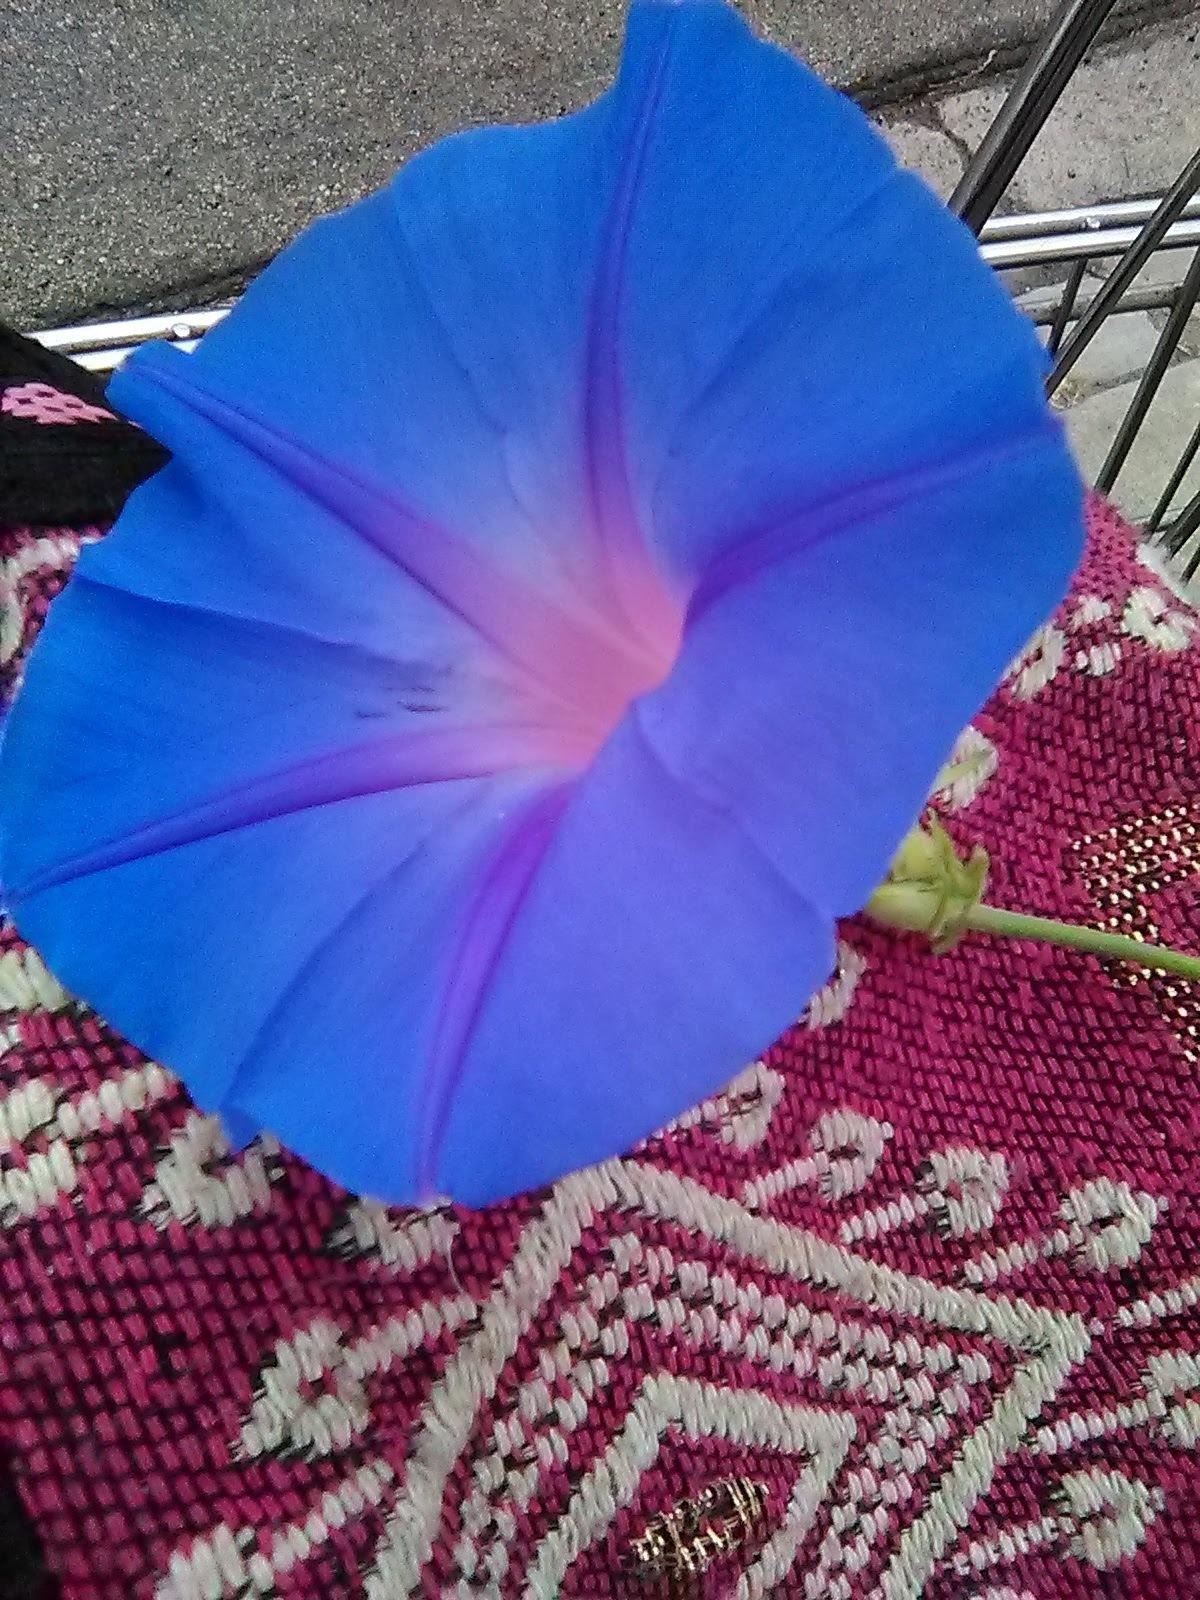 Strange Blue glowing flower by Monica Gregory